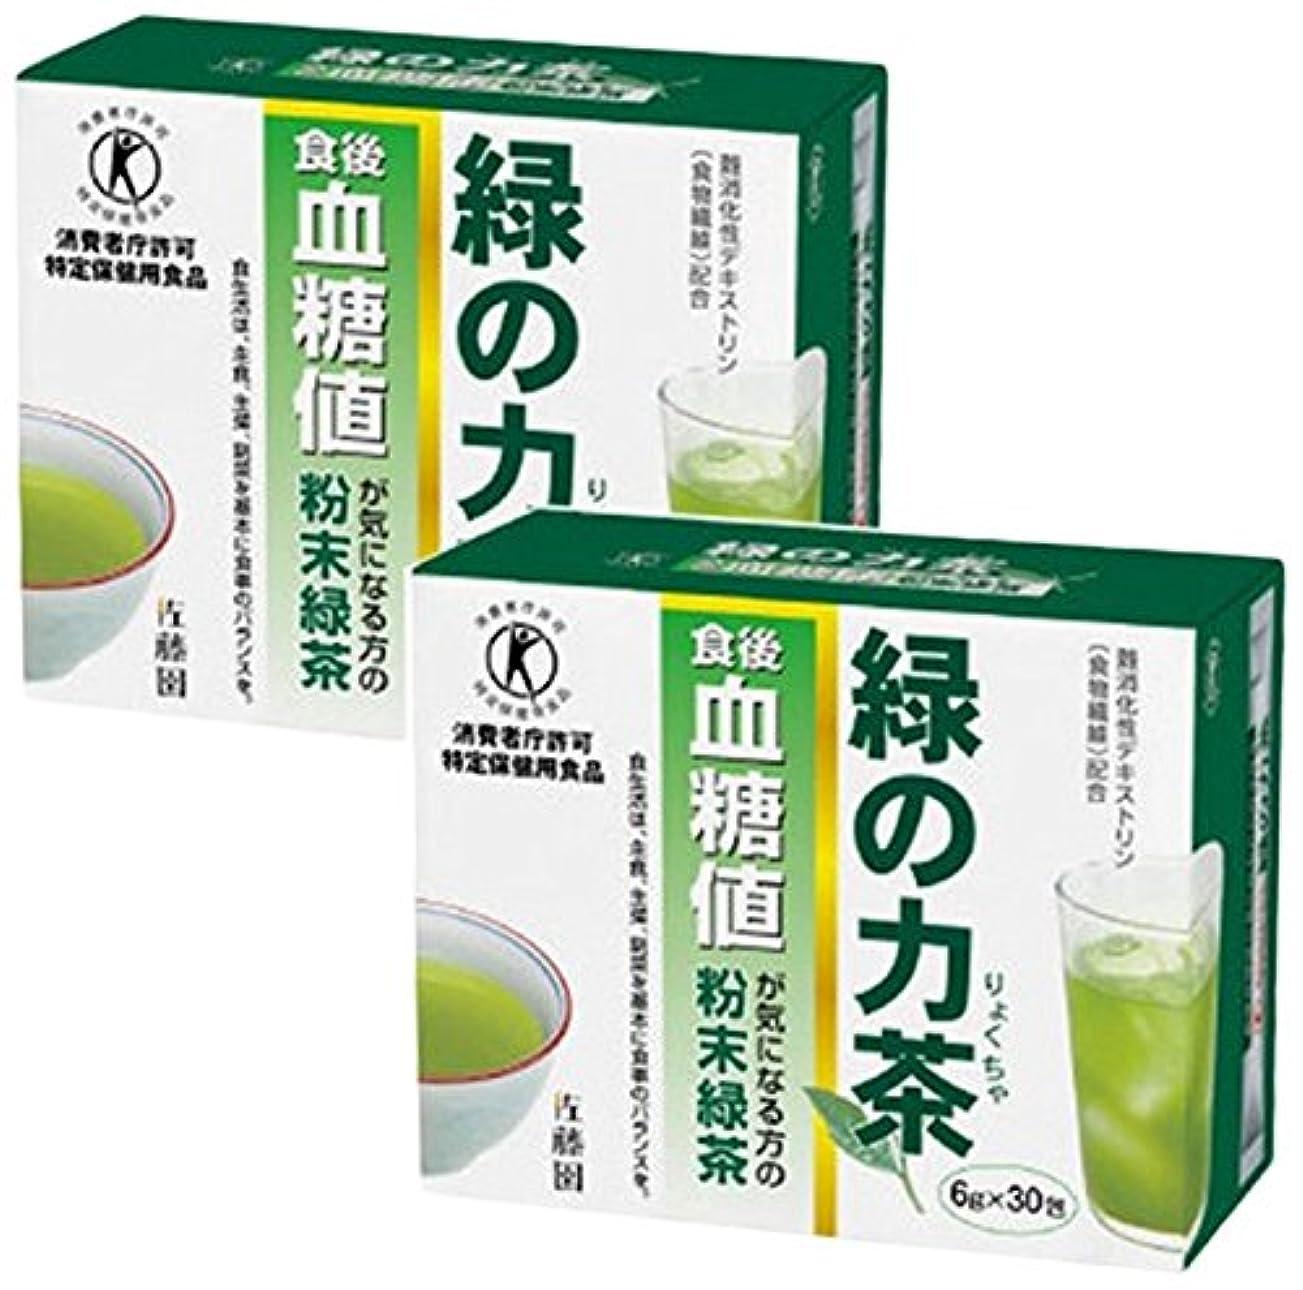 満了心理的タブレット佐藤園のトクホのお茶 緑の力茶(血糖値) 30包 [特定保健用食品]